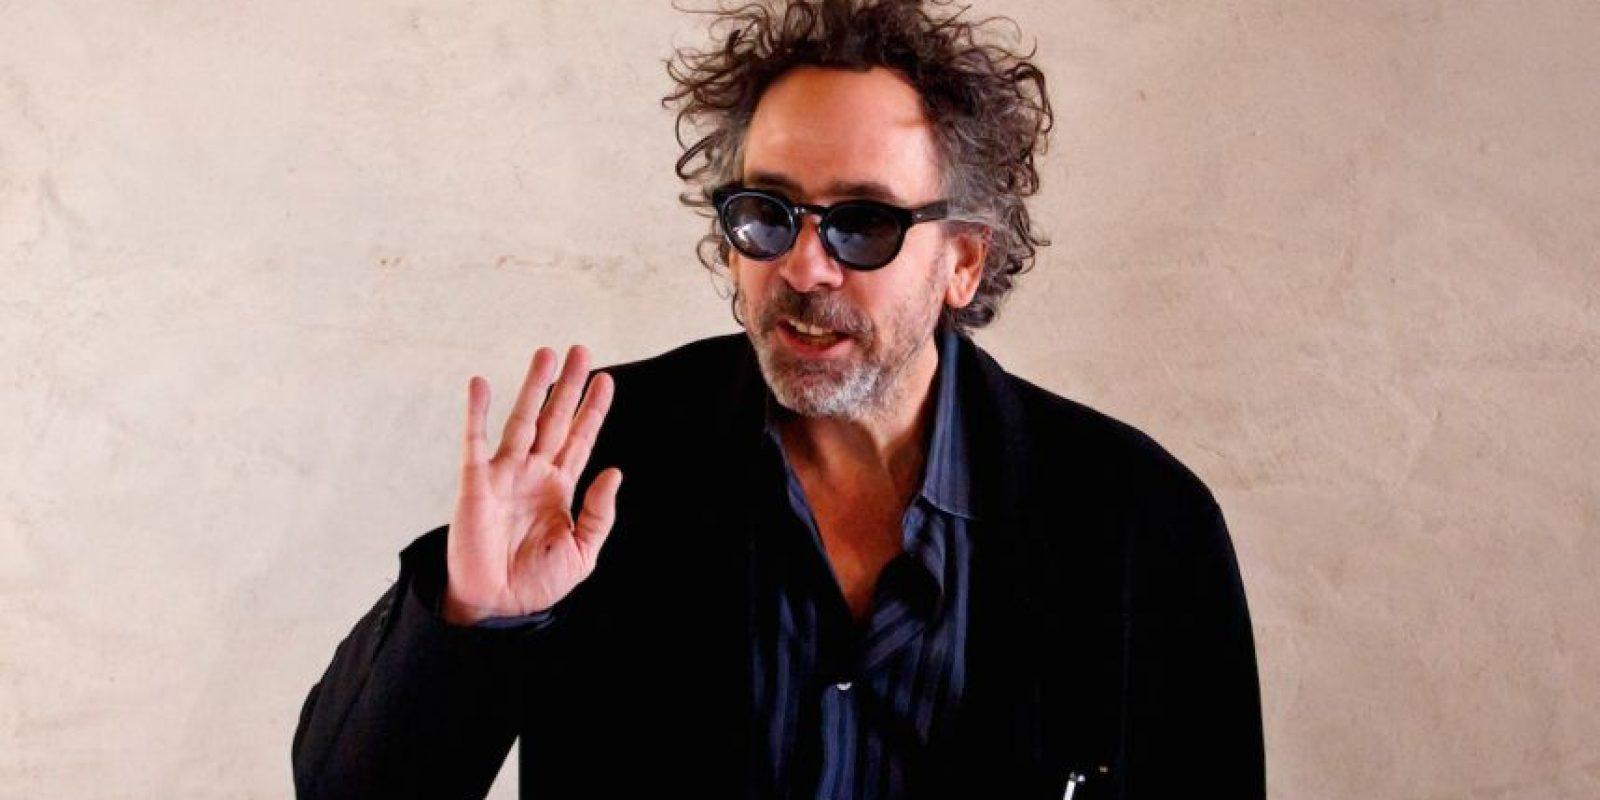 El director y productor nació el 25 de agosto de 1958 Foto:Getty Images